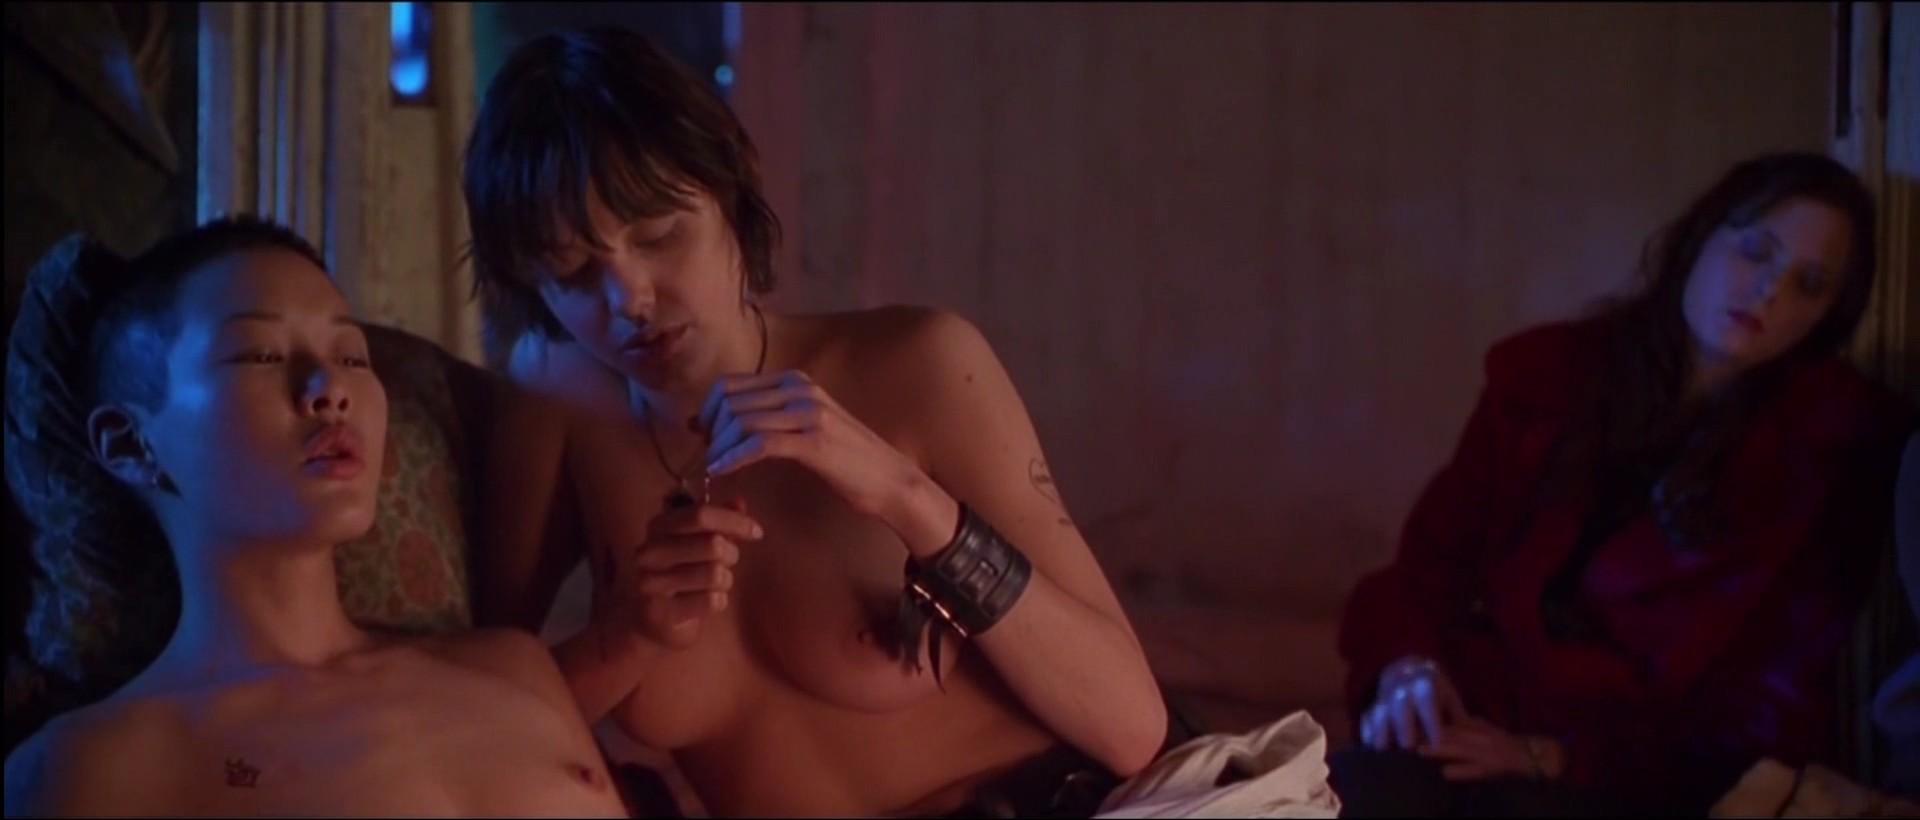 Jenny blodyroar nude sex pics